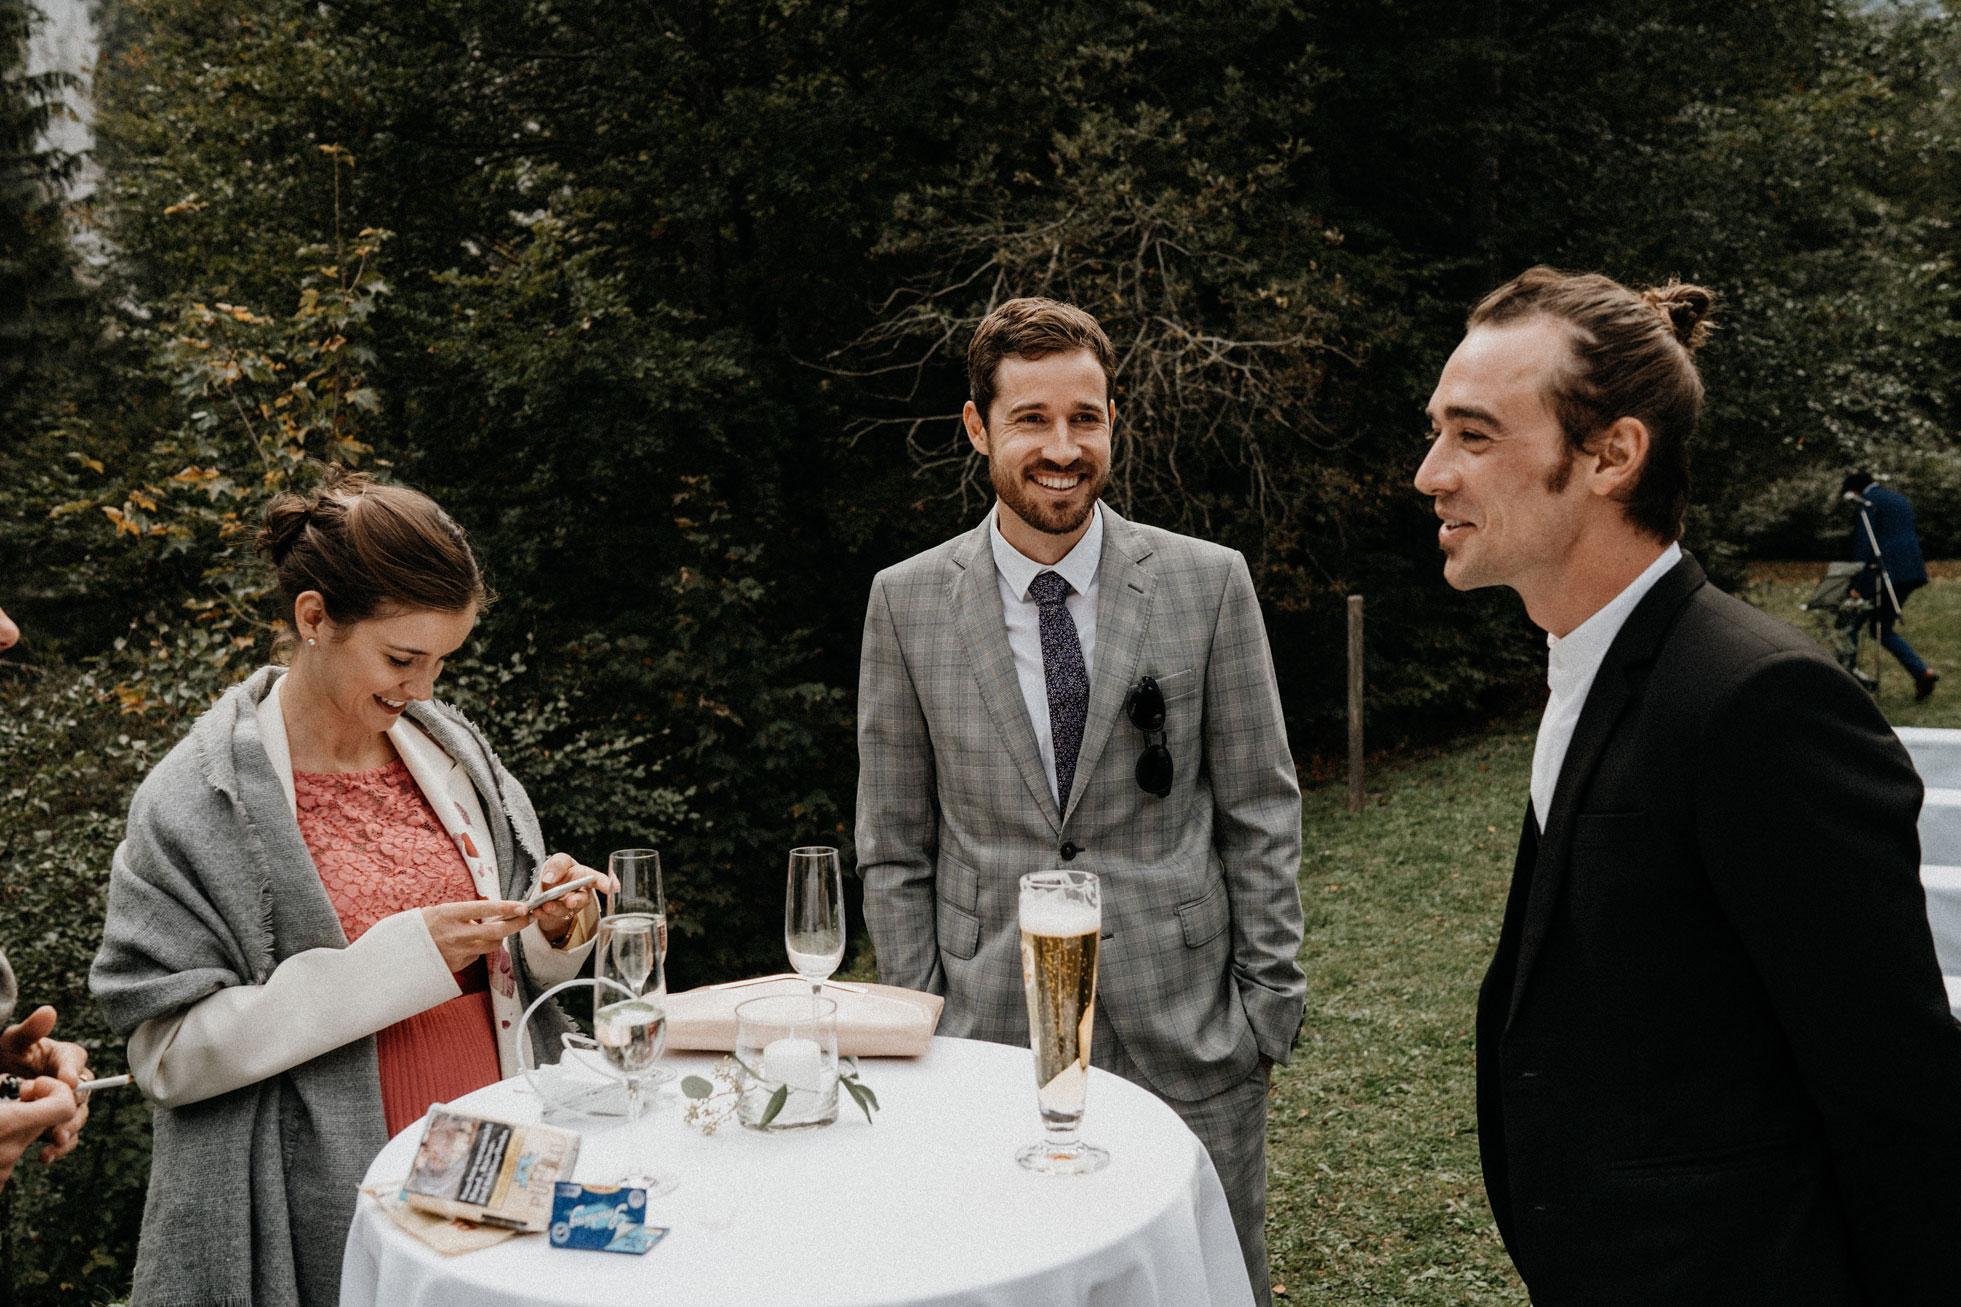 Hochzeit_Claire_Manuel_Villa_Maund_Daniel_Jenny-341.jpg